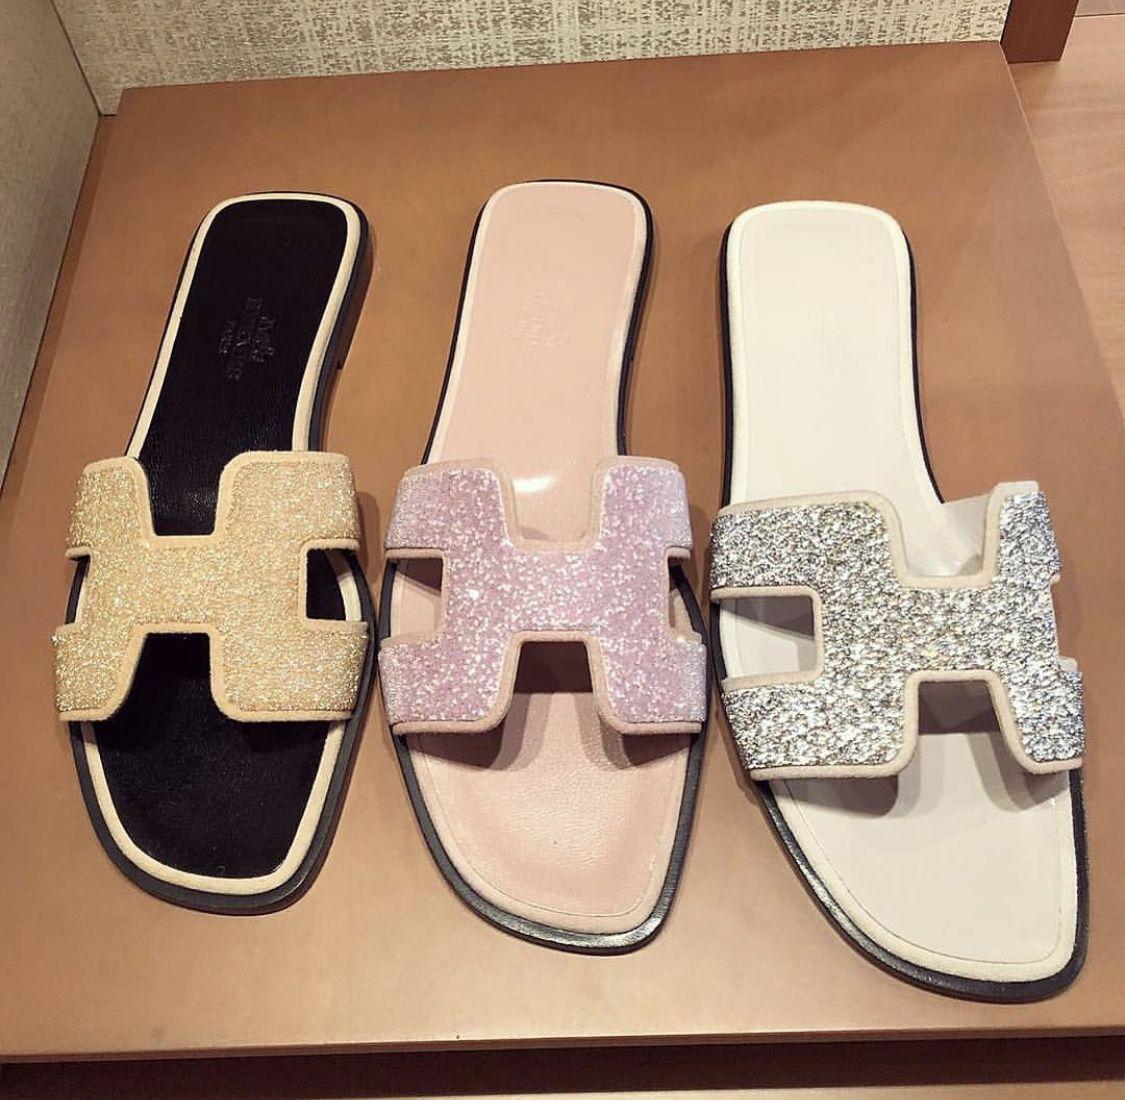 Hermes shoes, Hermes slippers